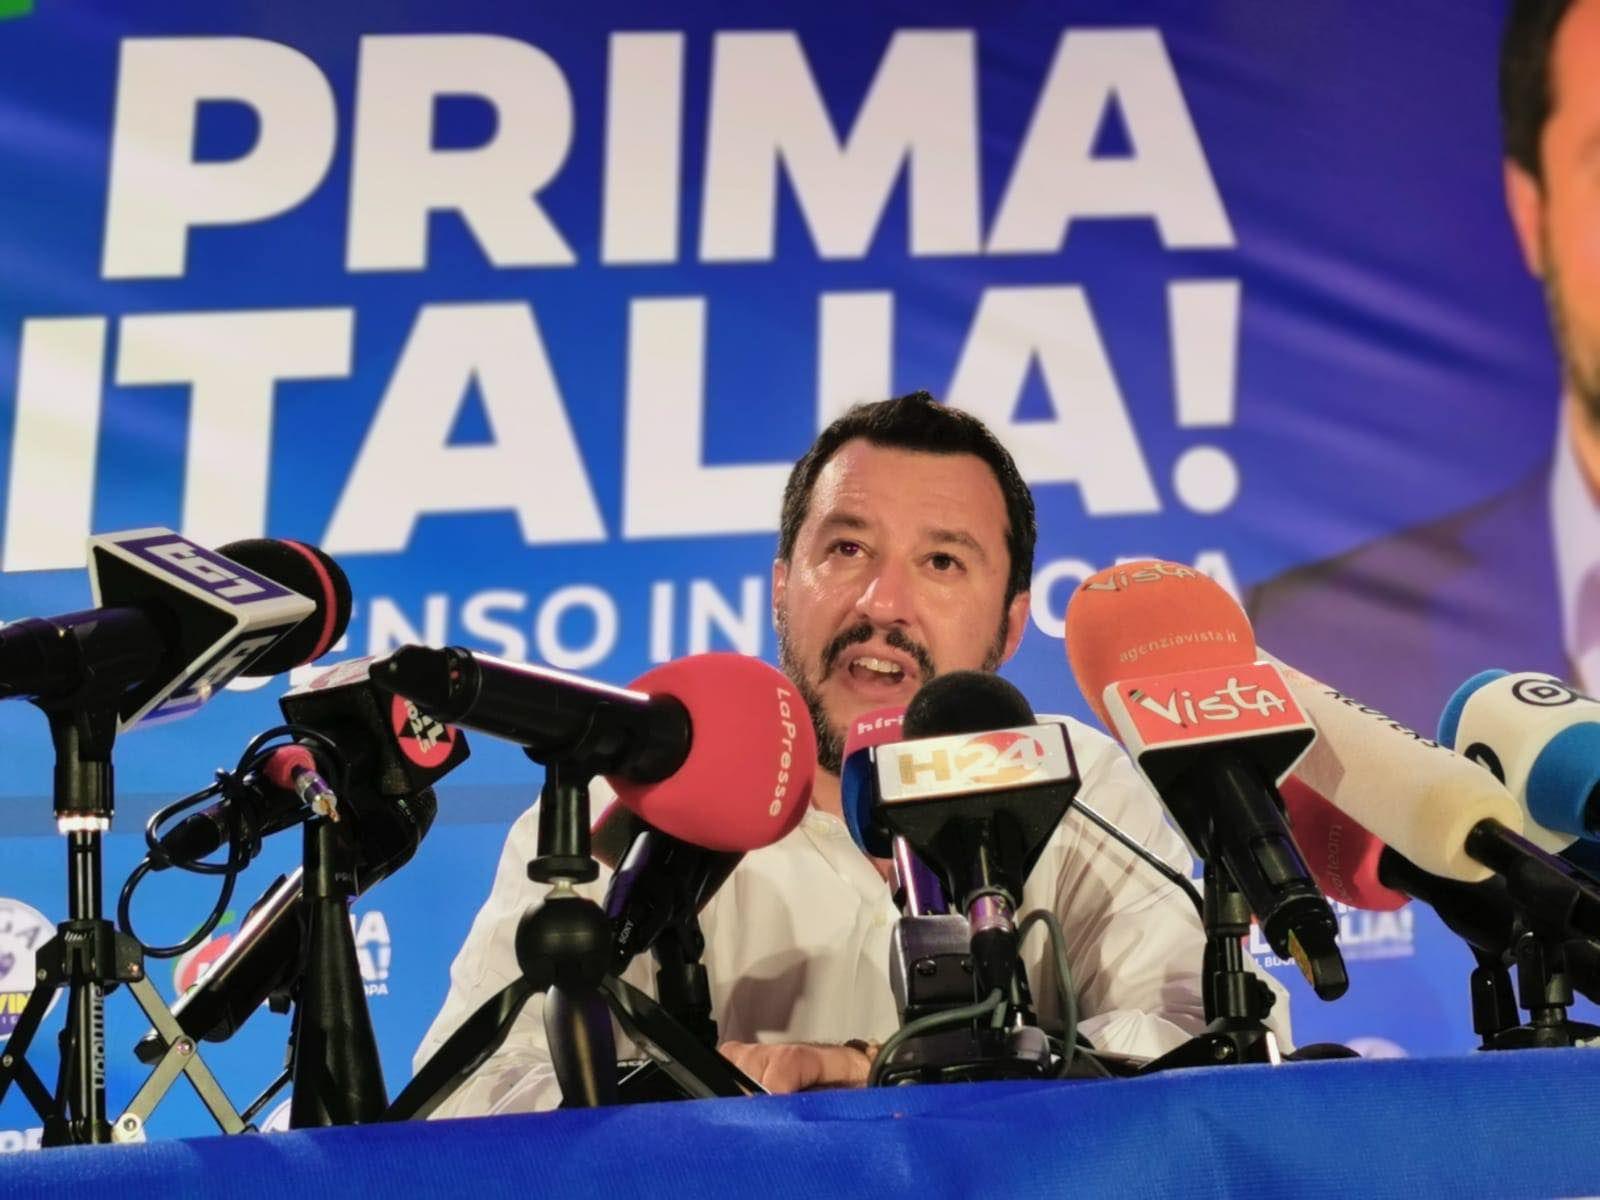 Gesù e quello strano dettaglio alle sue spalle! L'esultanza di Salvini scatena i social